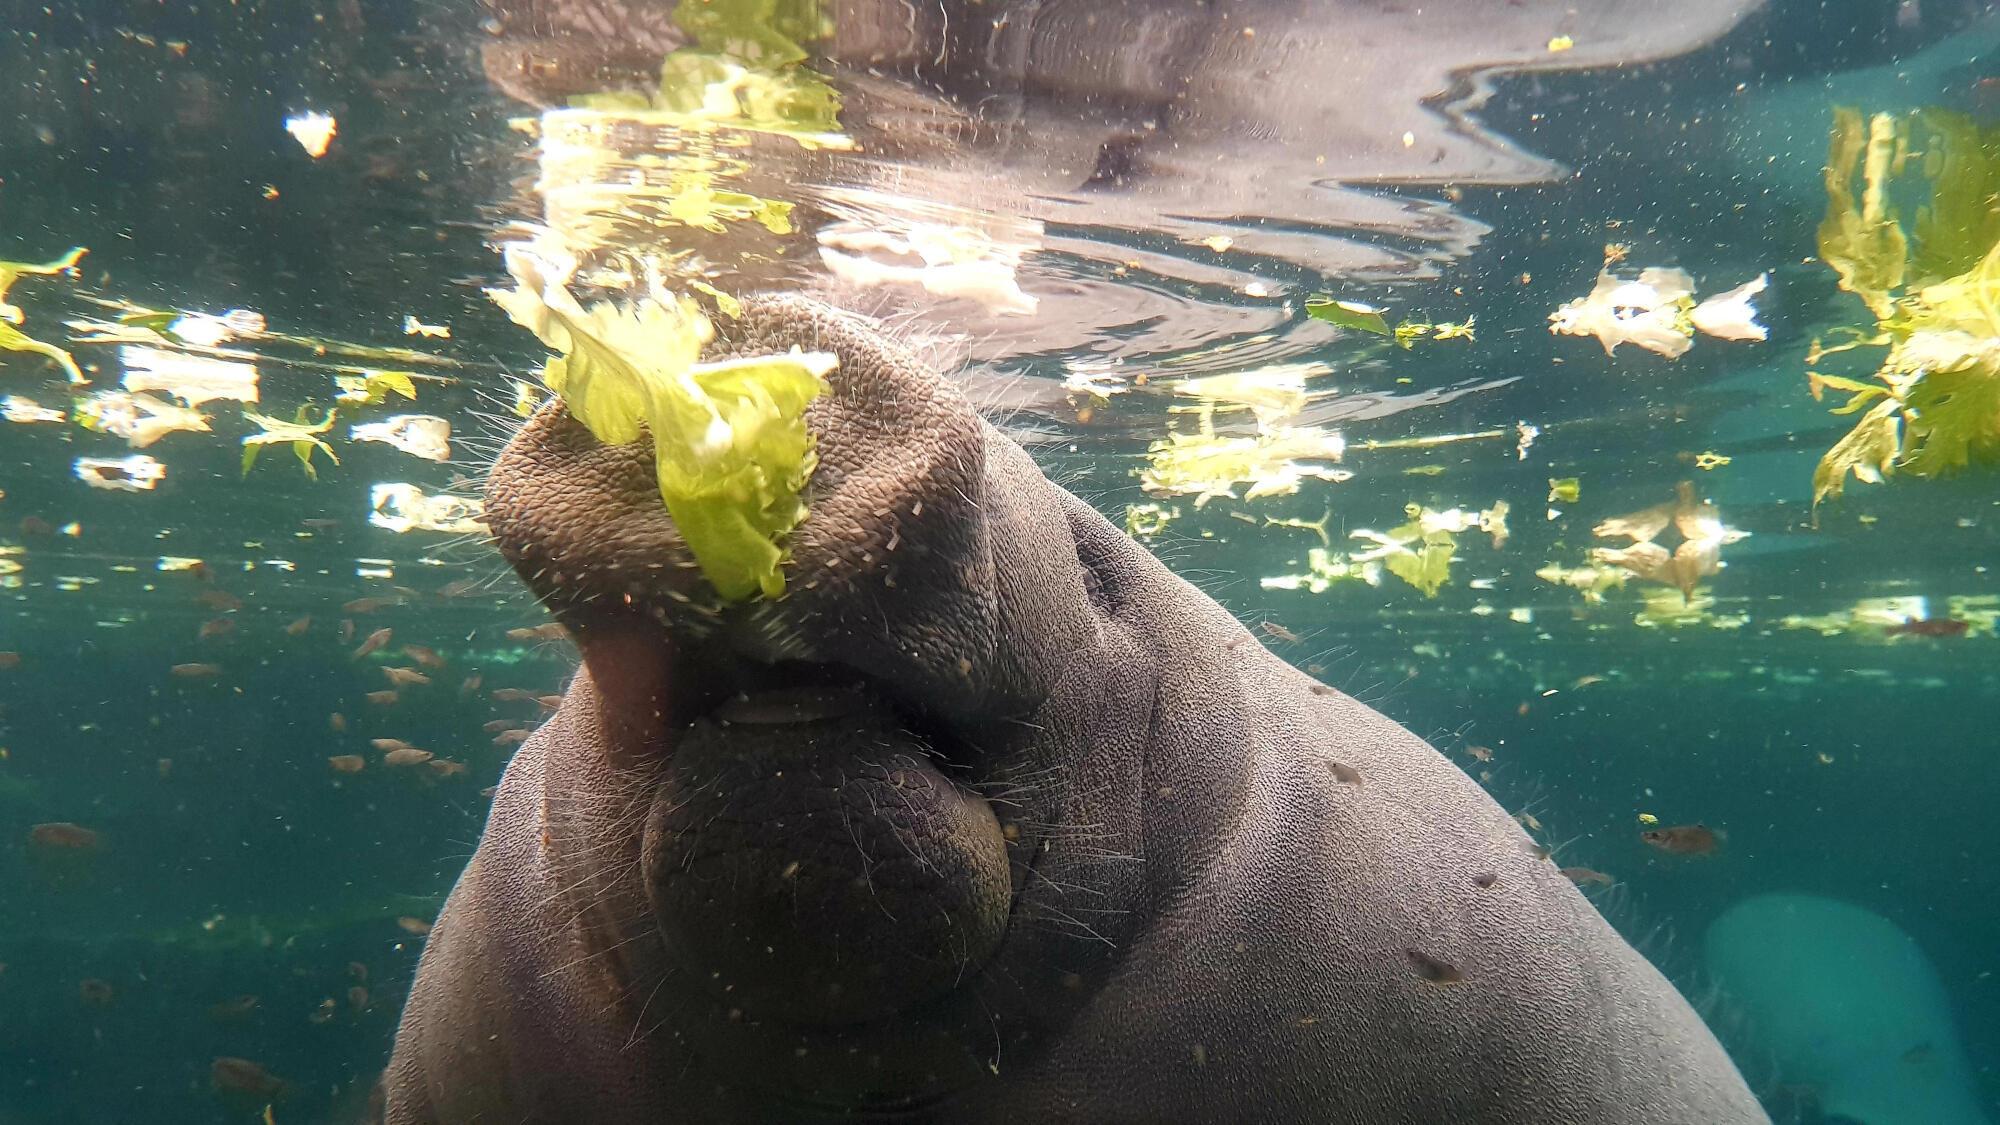 Au Parc zoologique de Vincennes, le lamantin avale 40 kilos de salade par jour.